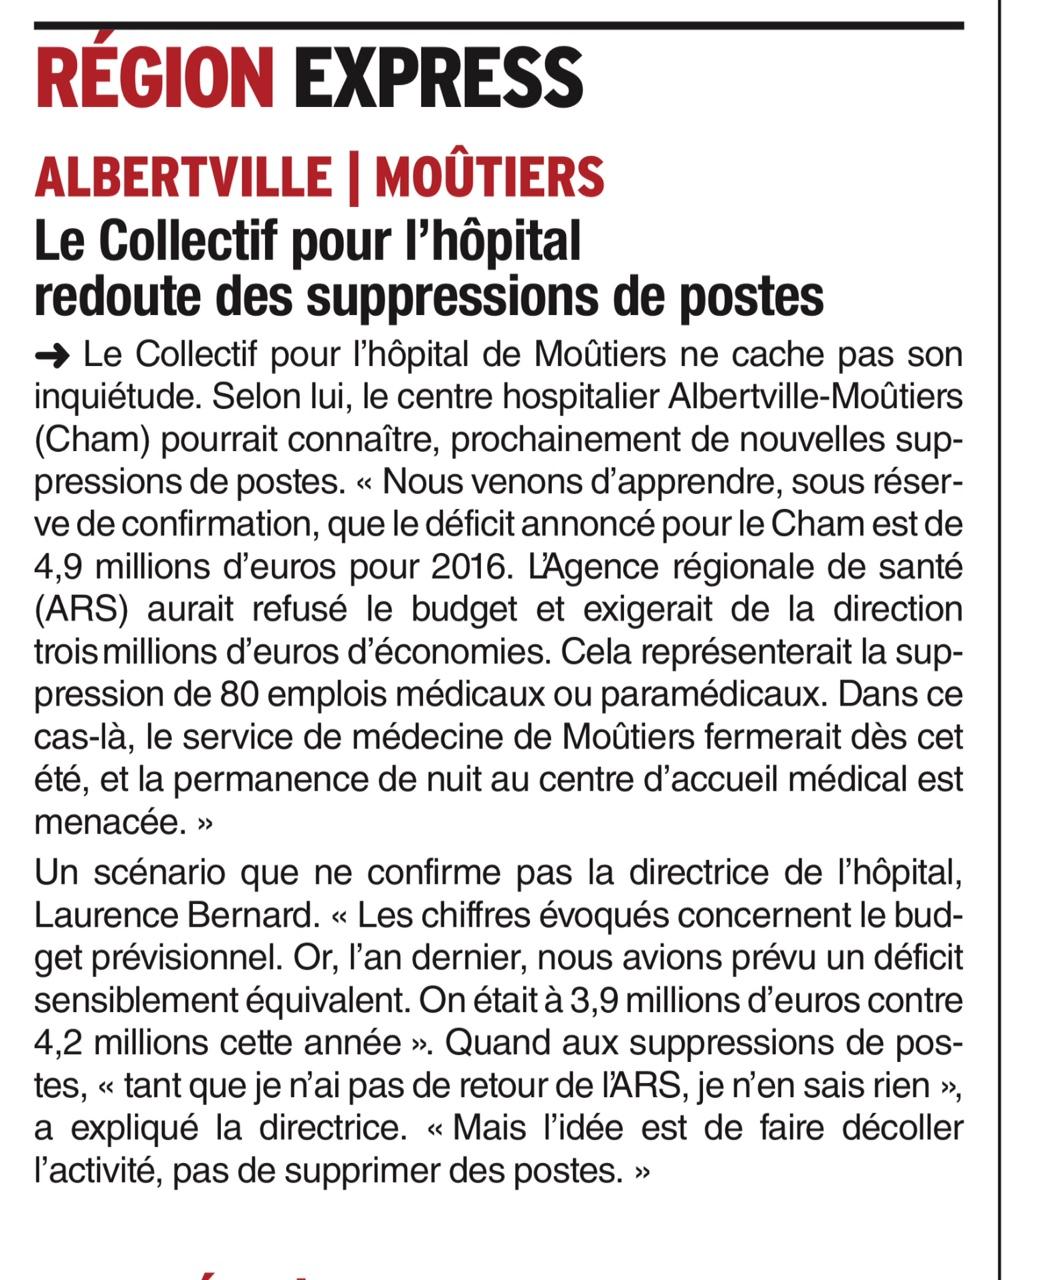 2016-06-28 - Le DL - Le Collectif pour l'Hôpital redoute des suppressions de postes